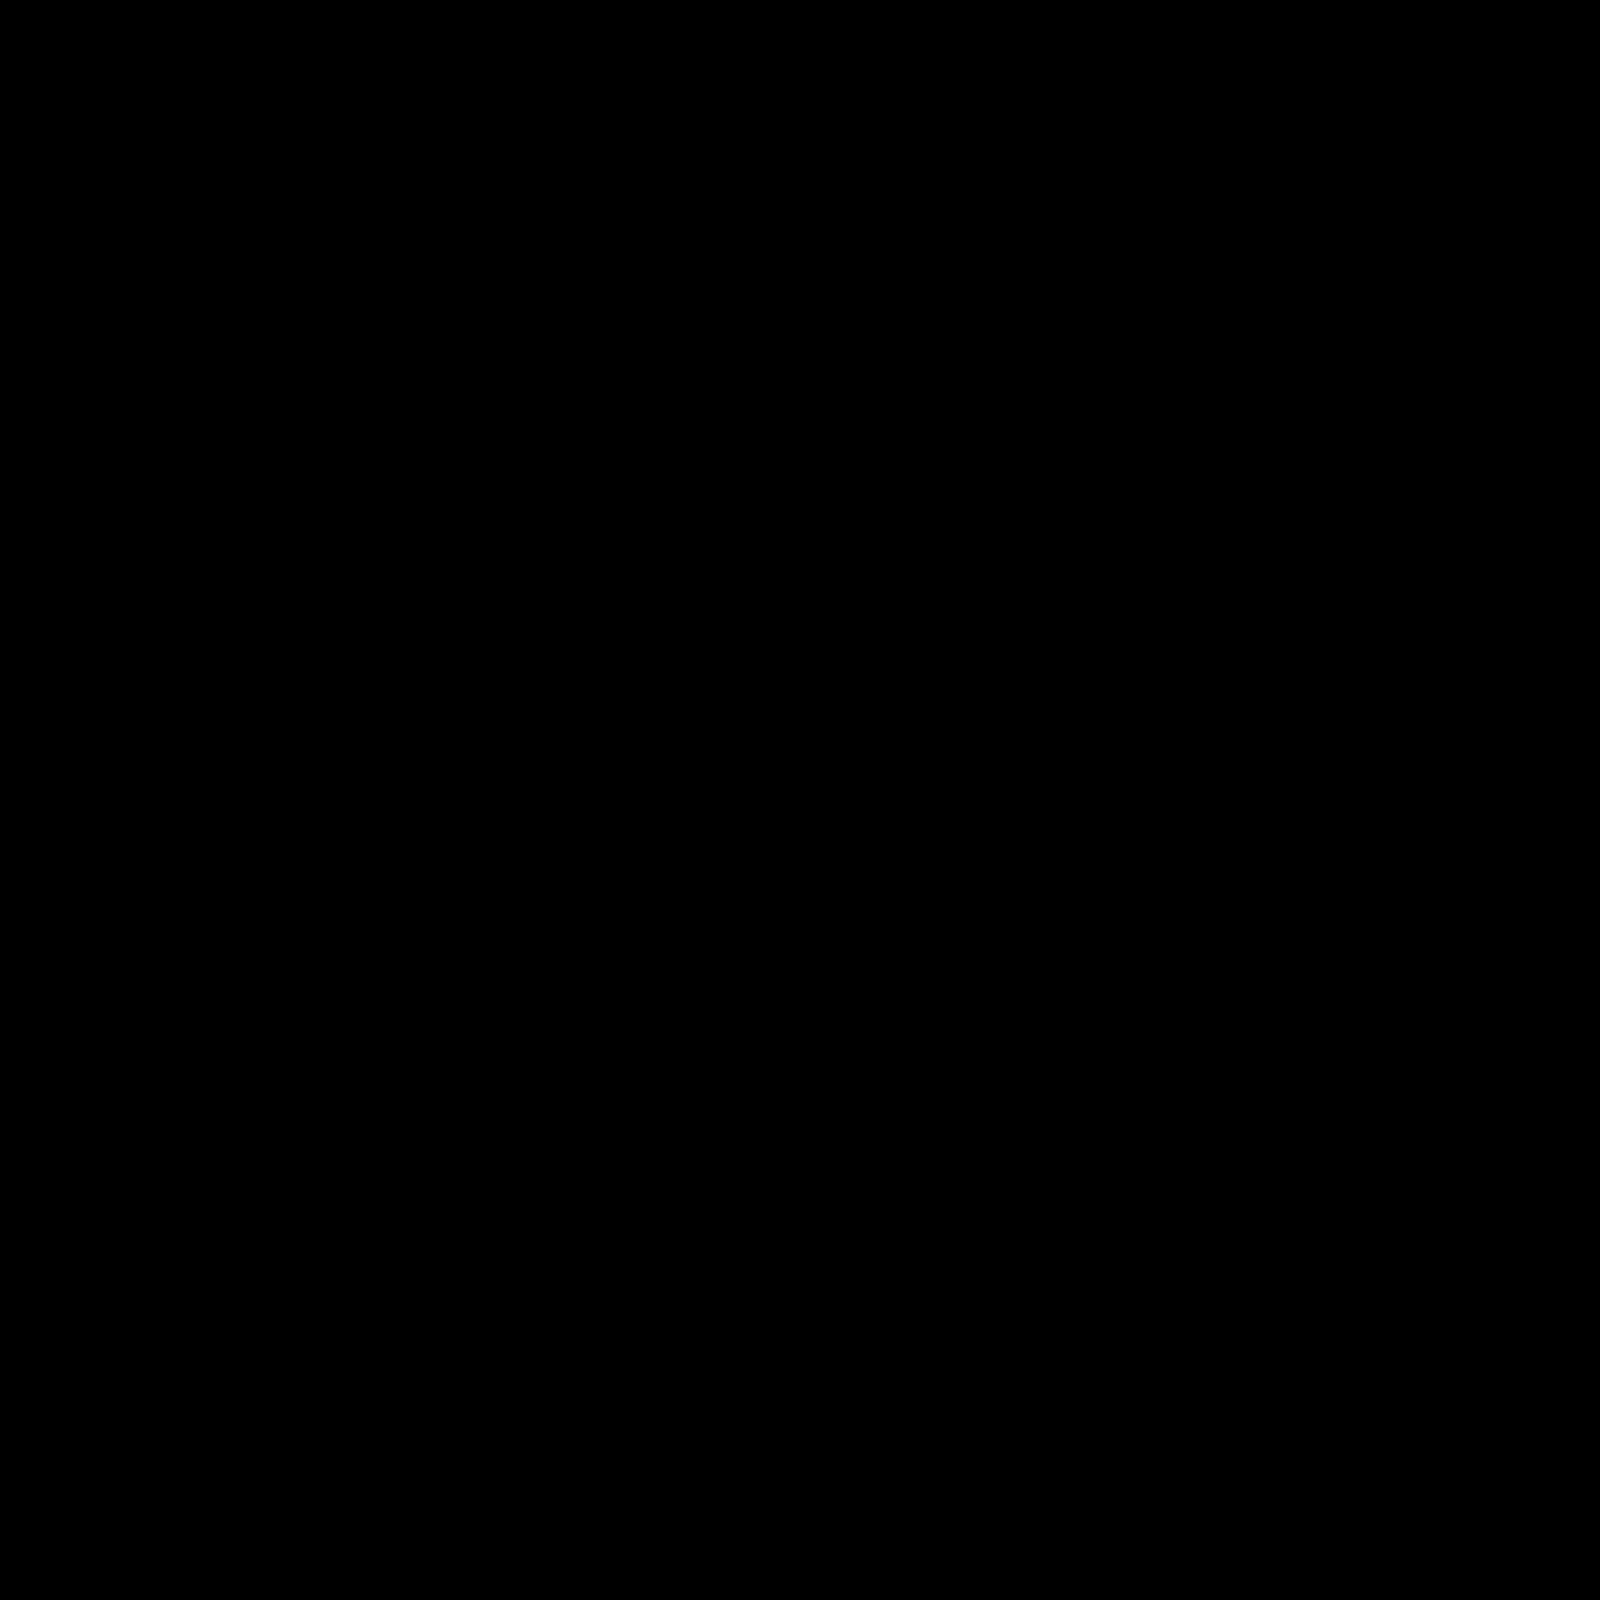 Stacja dokująca Pc icon